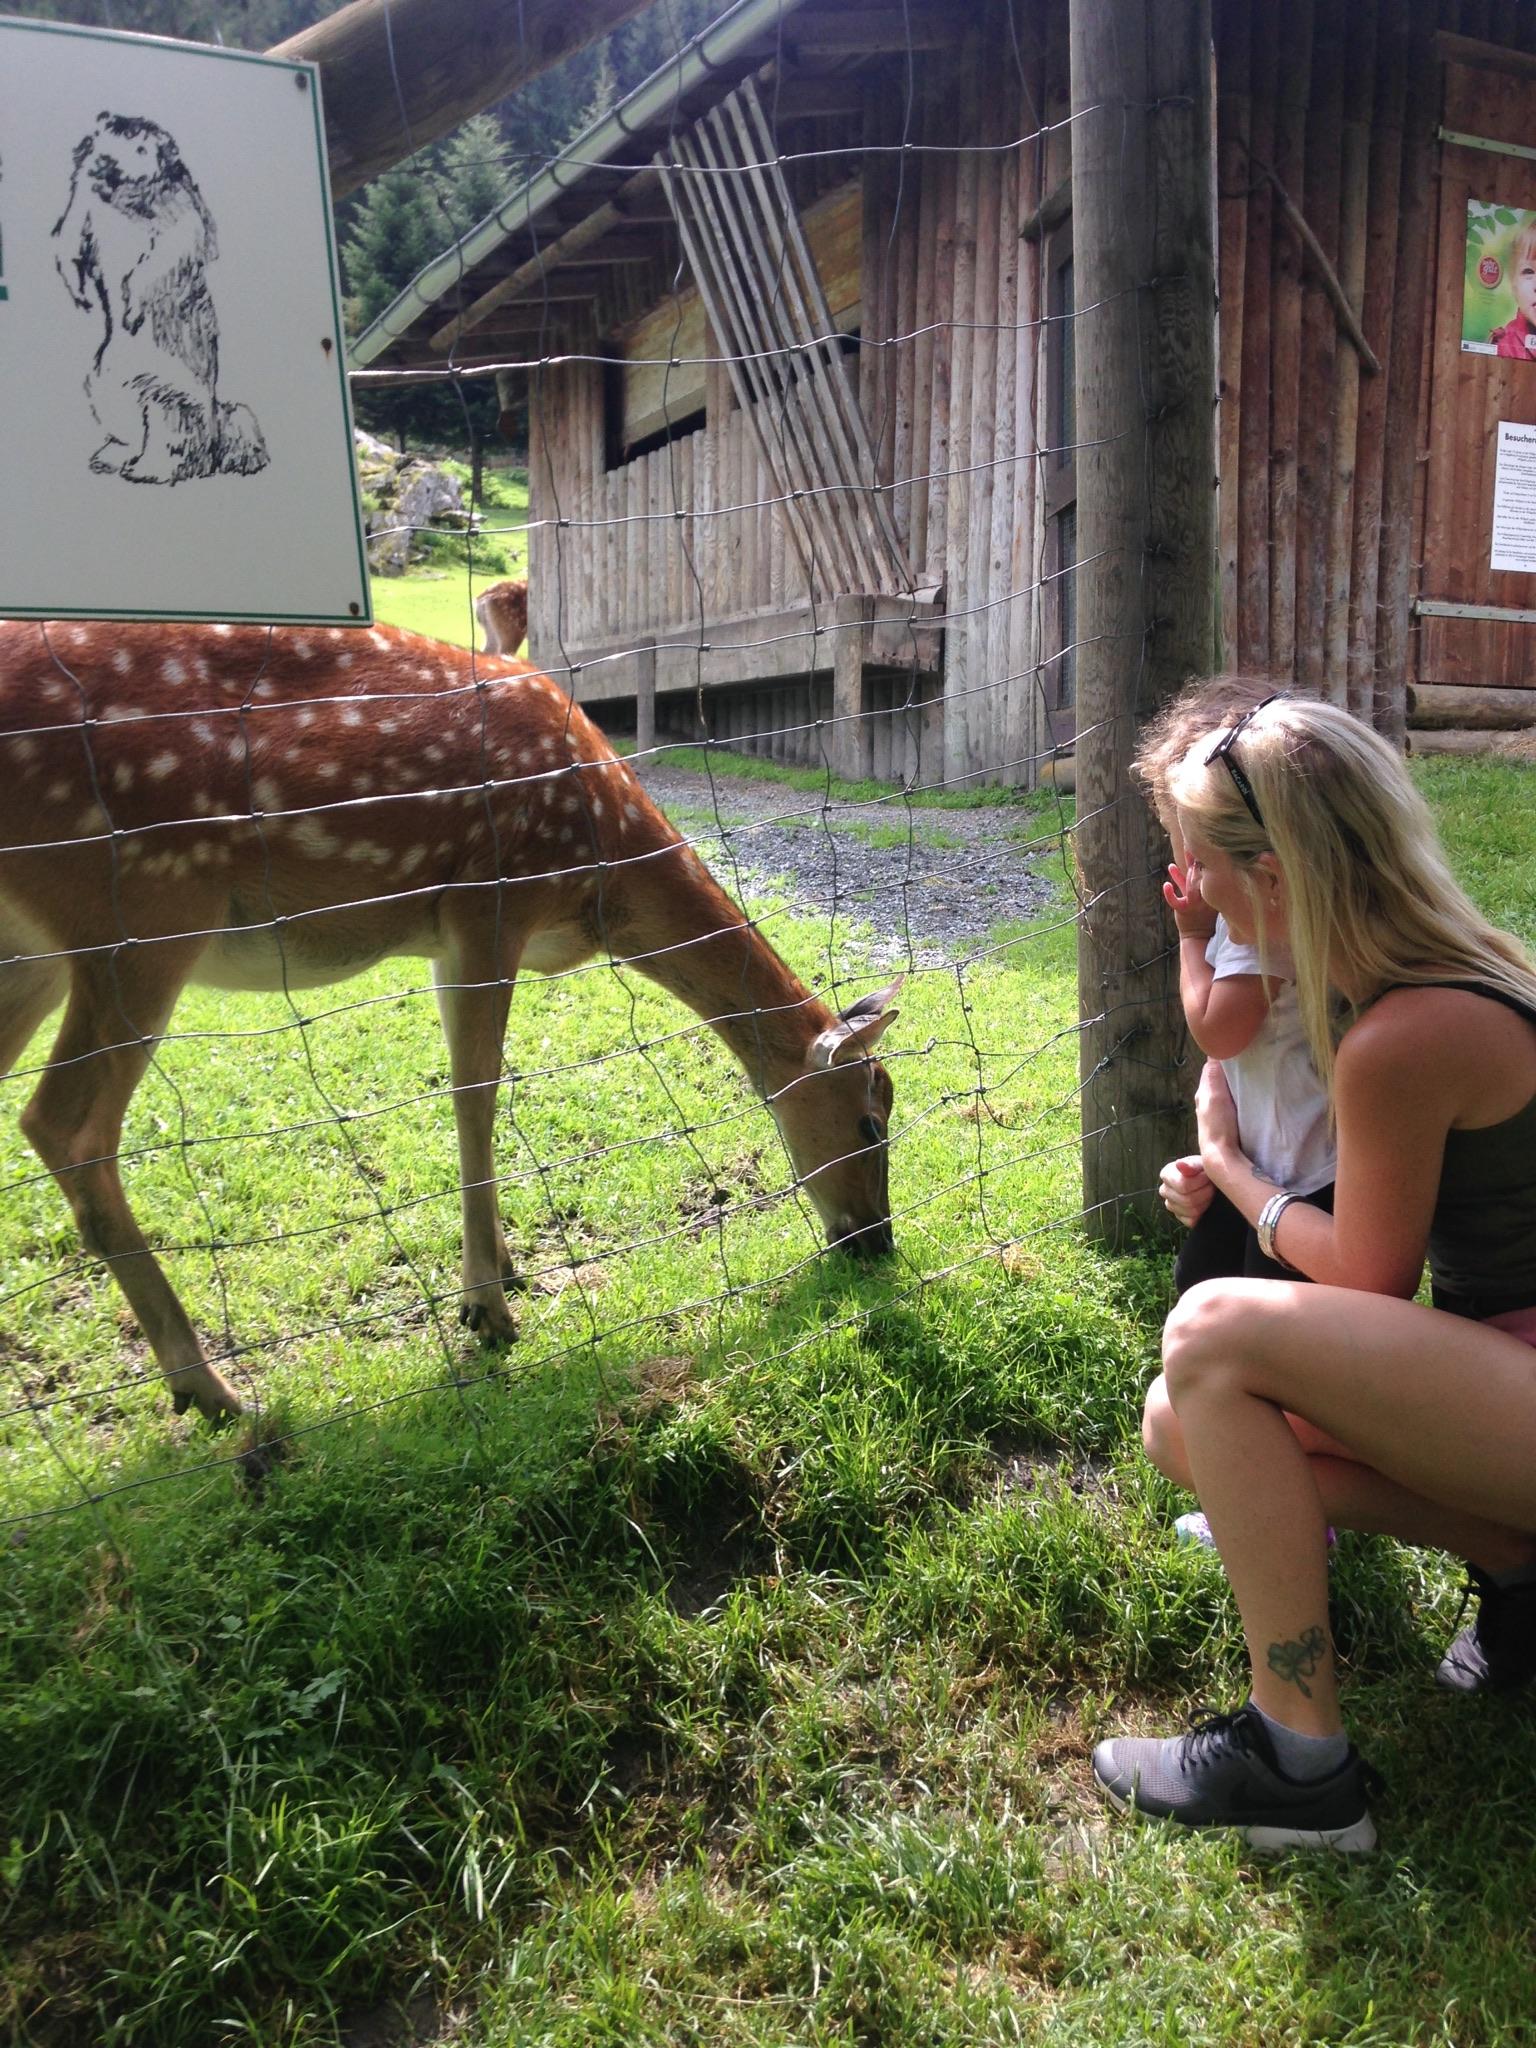 Ausflugstipp für Familien in Salzburg: Wild- und Erlebnispark Ferleiten